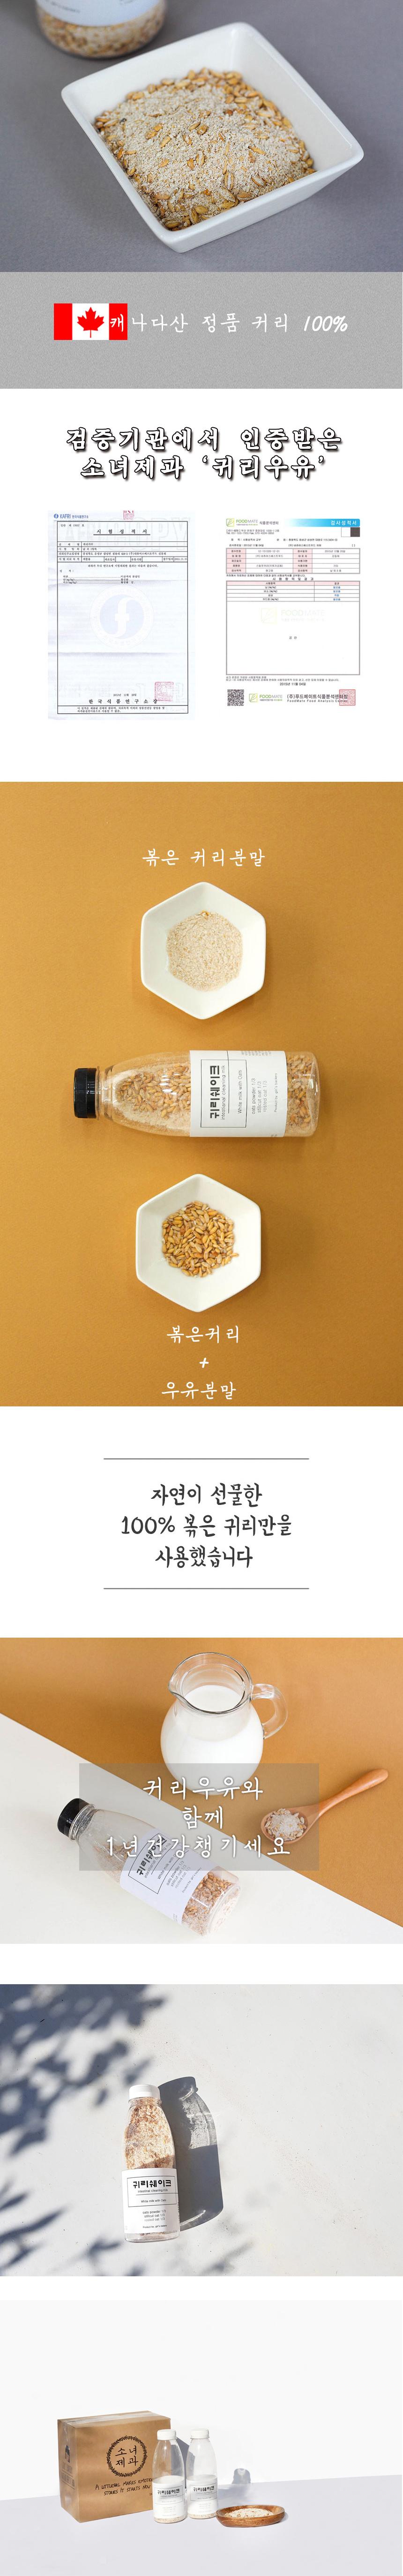 볶은 귀리 우유 3+3 6개입 다이어트 쉐이크 - 갓샵, 21,900원, 농산물, 잡곡/혼합곡